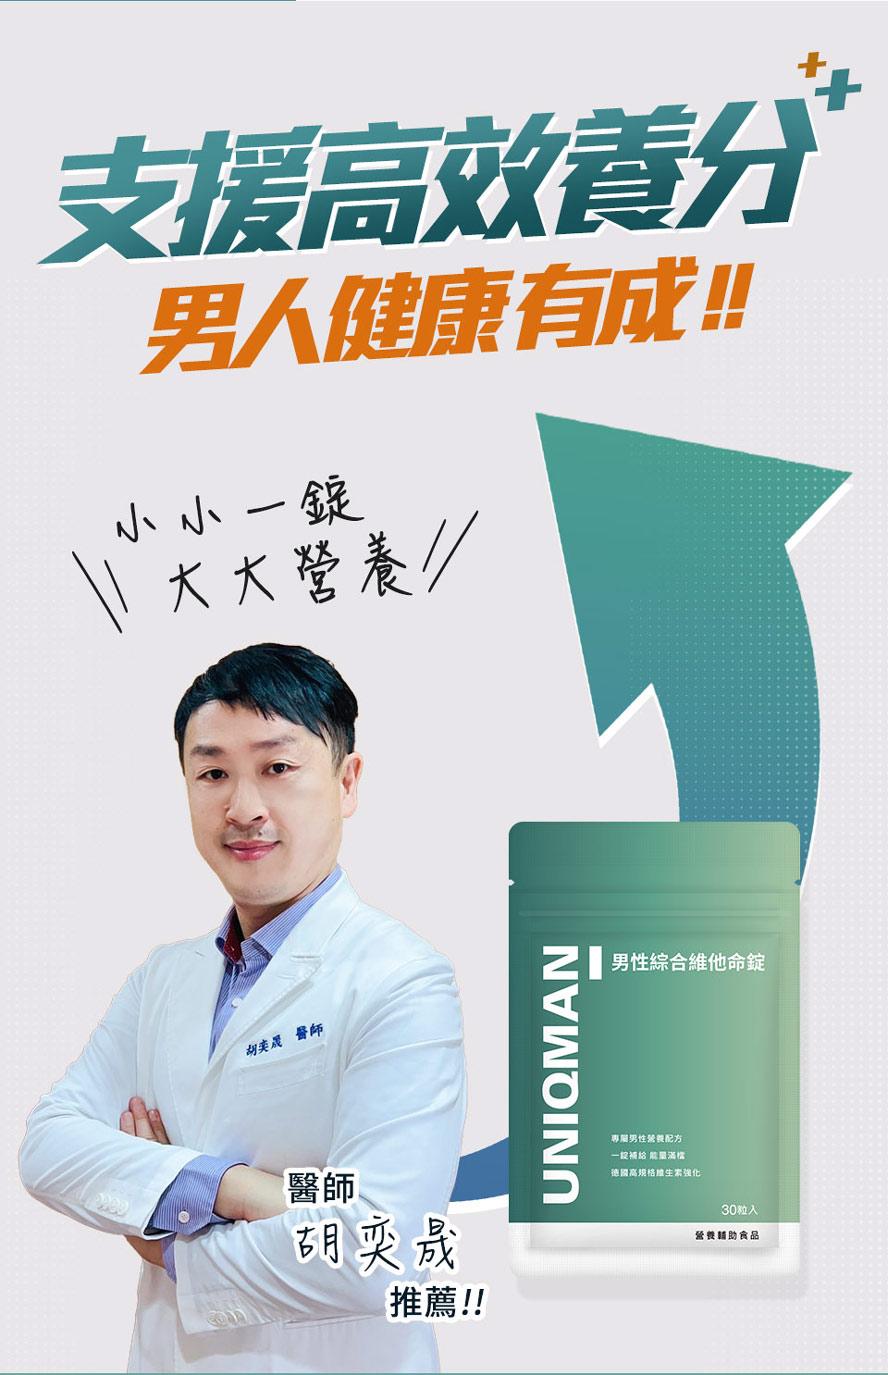 藝人林佑星唯一推薦,專屬男性的綜合維他命錠,替每天的均衡加分